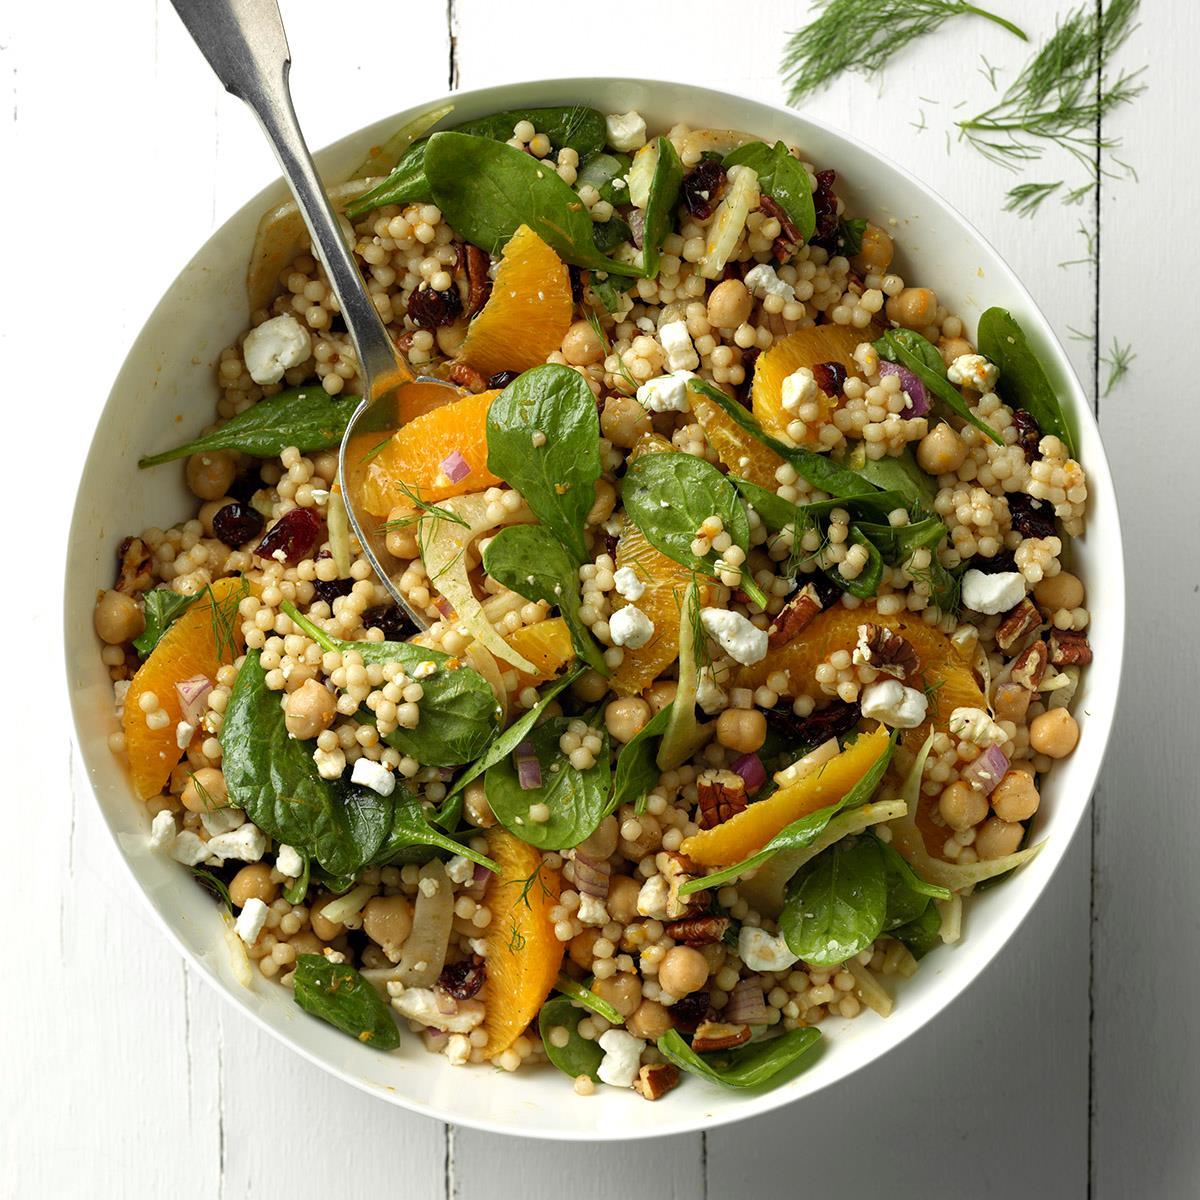 Cran-Orange Couscous Salad image